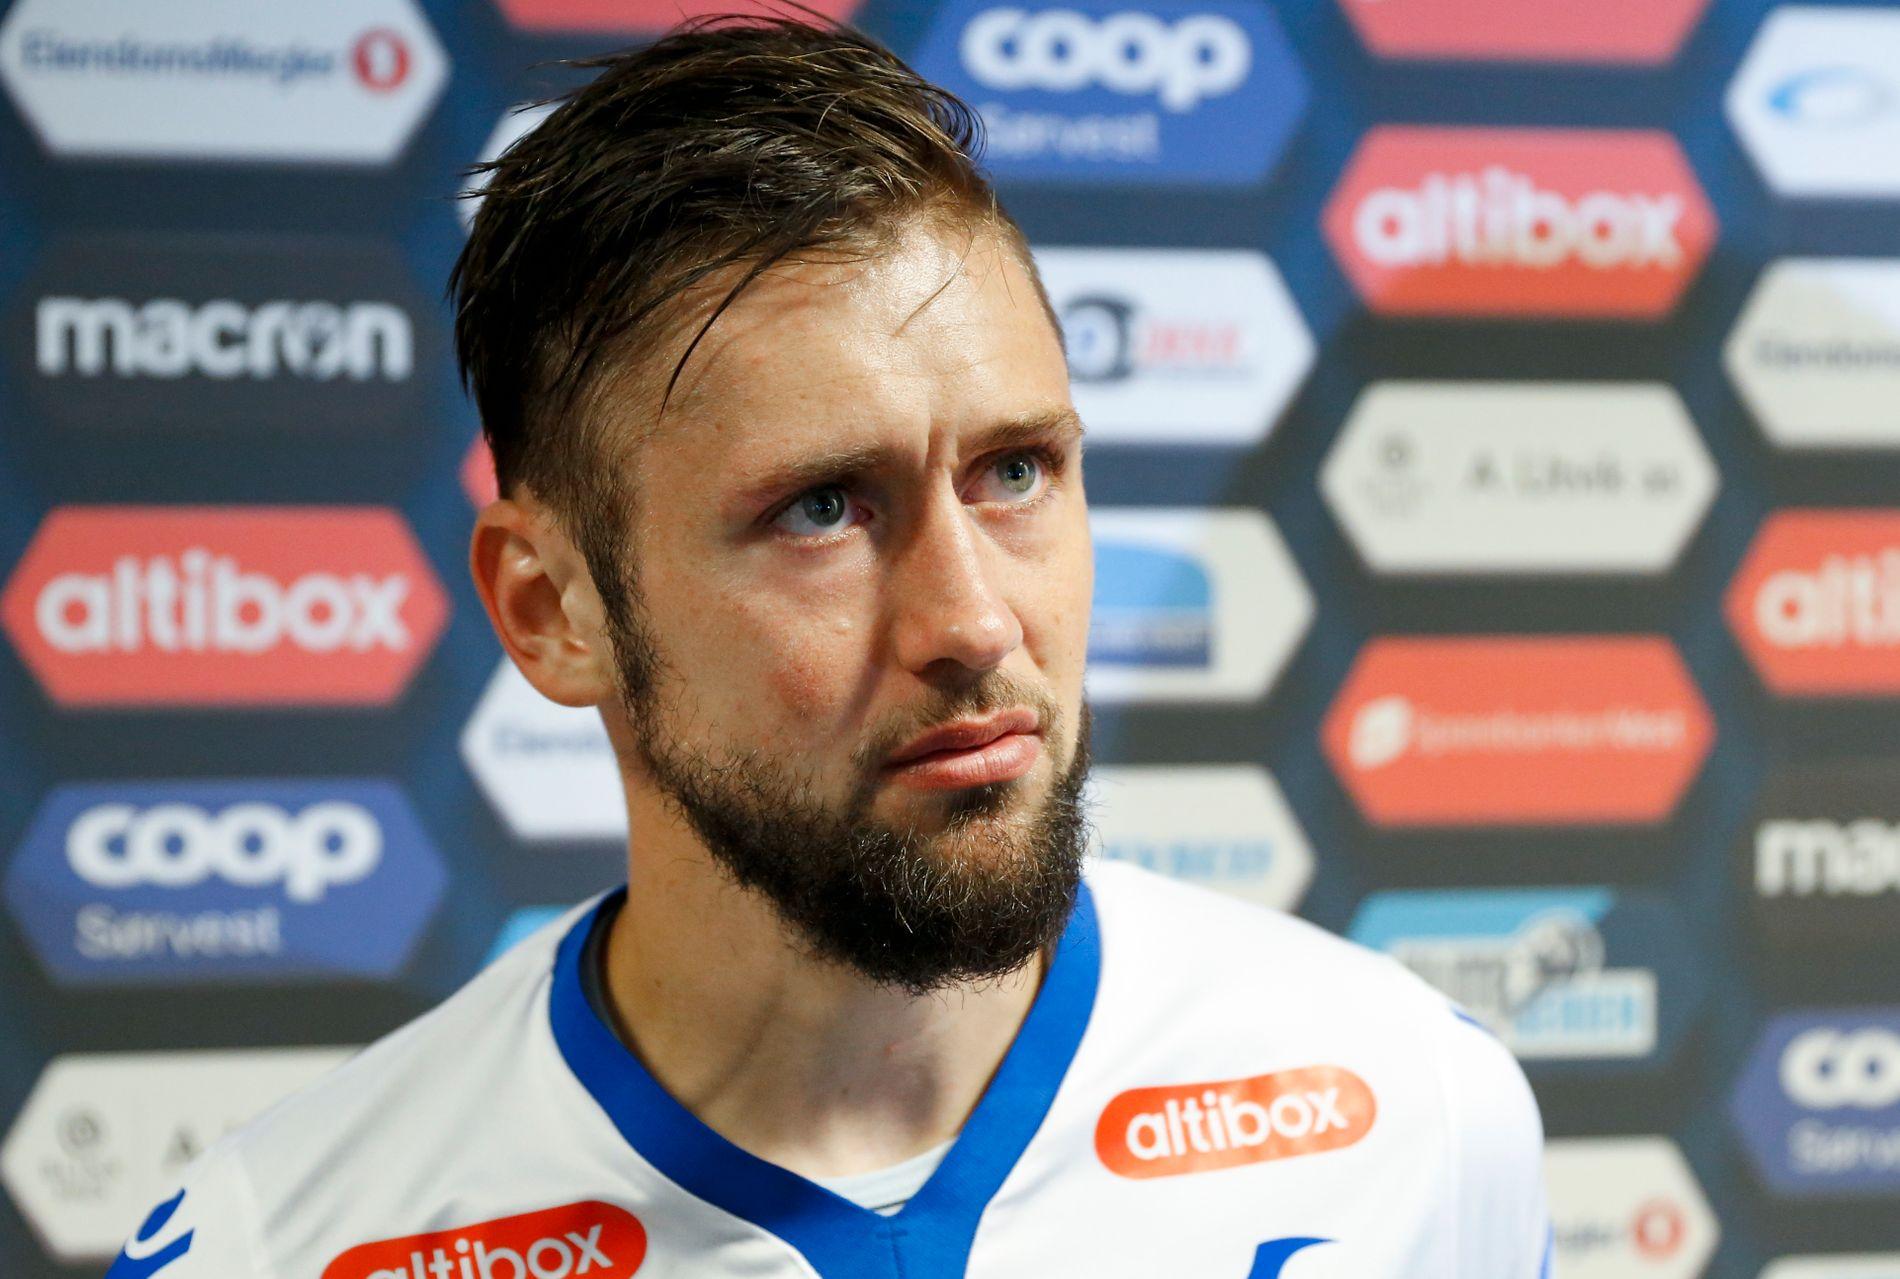 STÅR SAMLET: Alexander Stølås sier at spillerne står samlet etter at gamletreneren meldte overgang til Rosenborg. Her fra oppgjøret mellom FKH og Lillestrøm i sommer. Kampen endte 2–2.